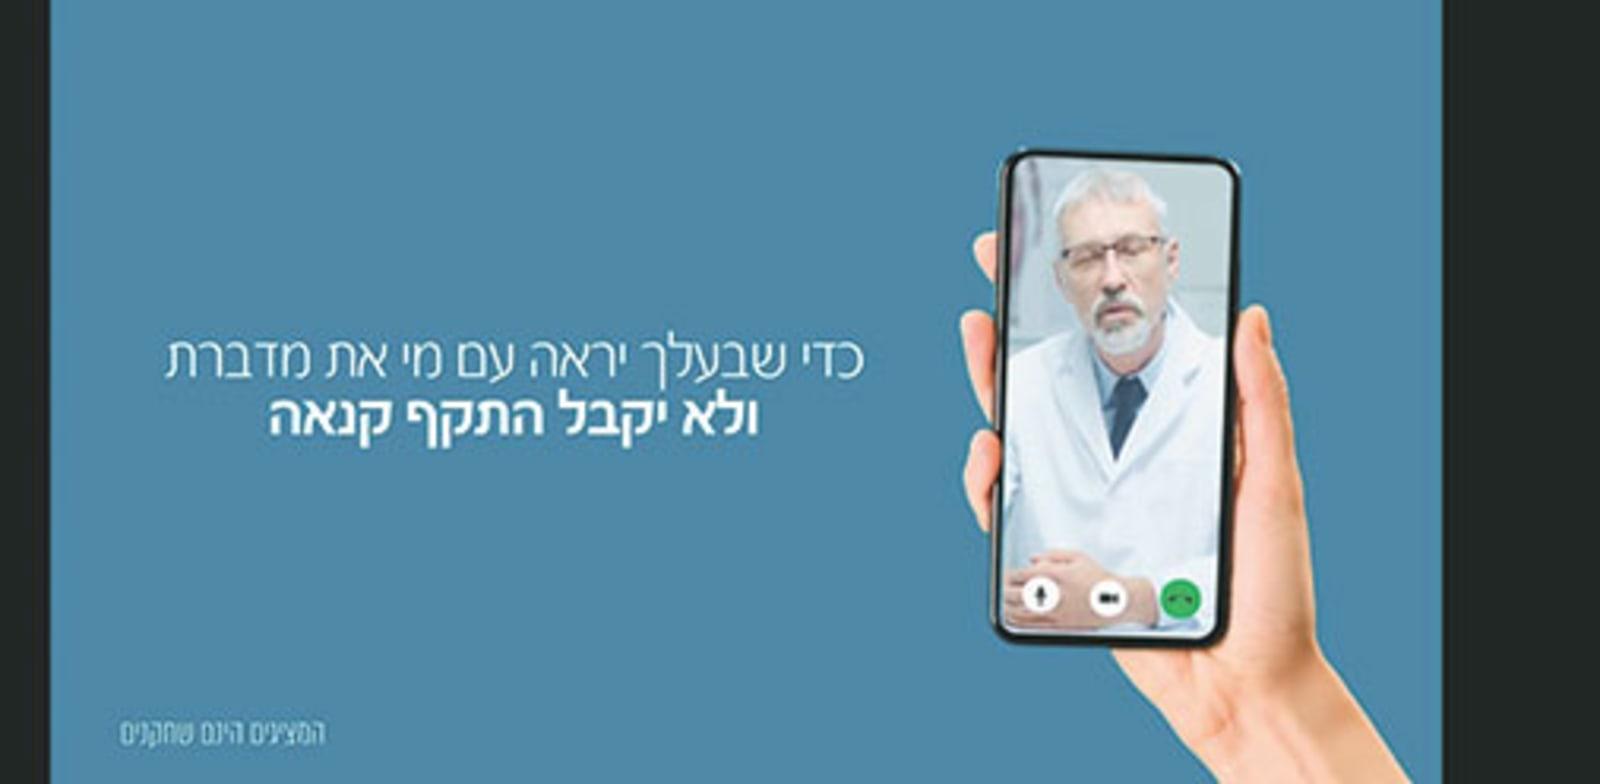 הראל רפואה אישית. פובליסיס גייסה את לקוחותיה לקמפיין משותף עם ויצו / צילום: מתוך ערוץ היוטיוב הרשמי של הראל